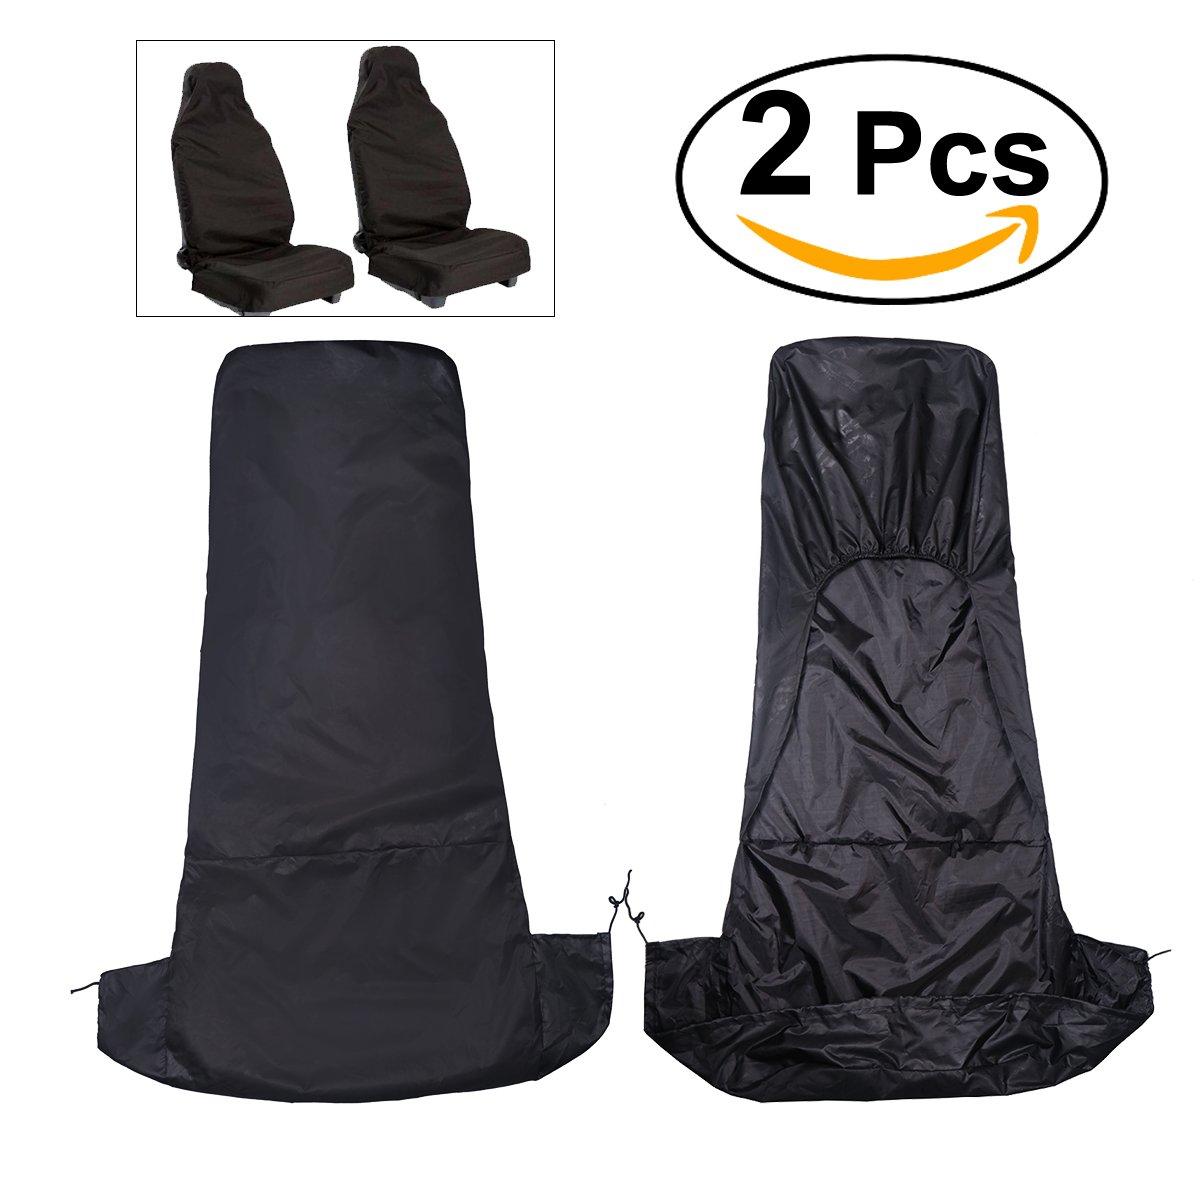 WINOMO 2pcs housse de siège de voiture Nylon étanche universel voiture véhicule Van siège couvercle protecteur (noir)